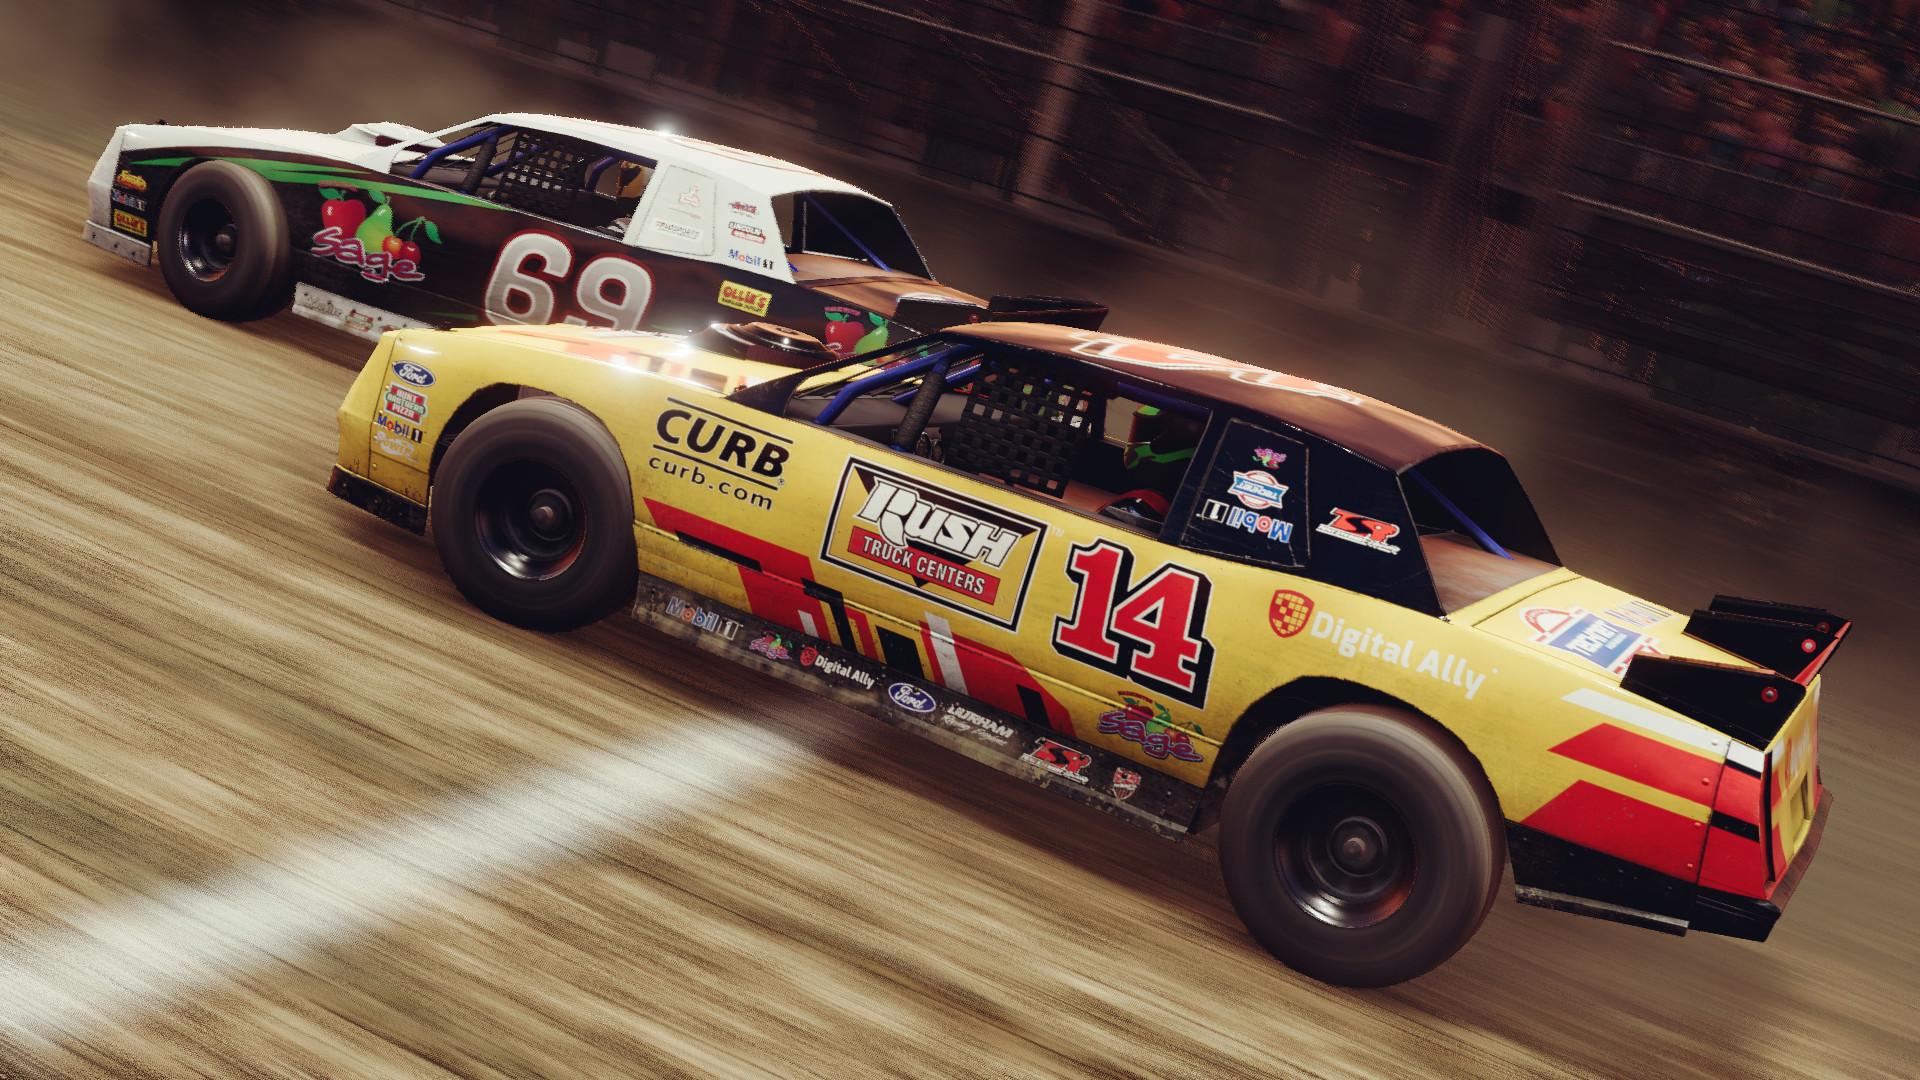 托尼斯图尔特的全美国赛车图片